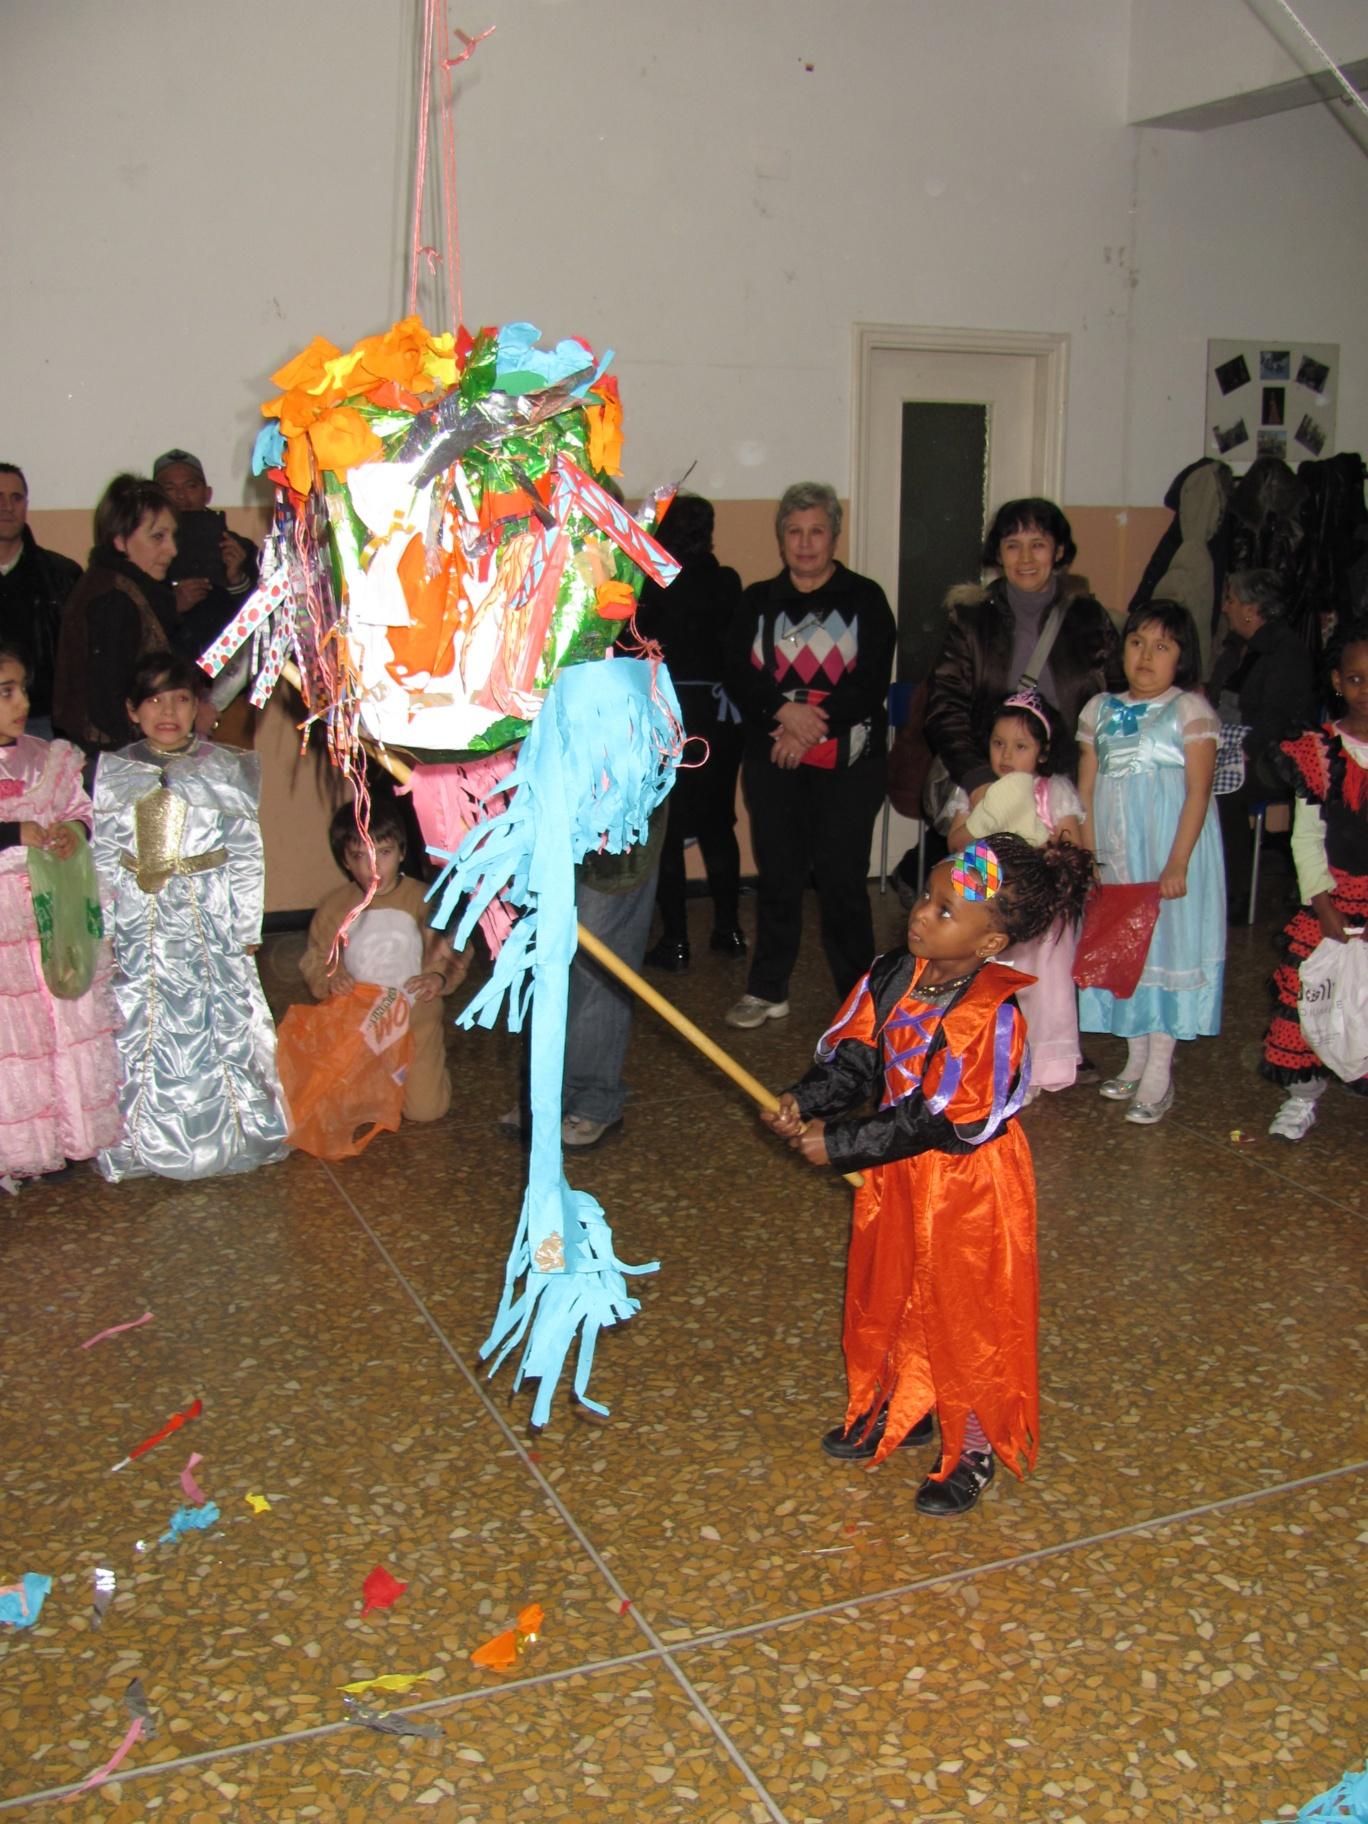 pentolaccia_2013-02-09-16-54-34